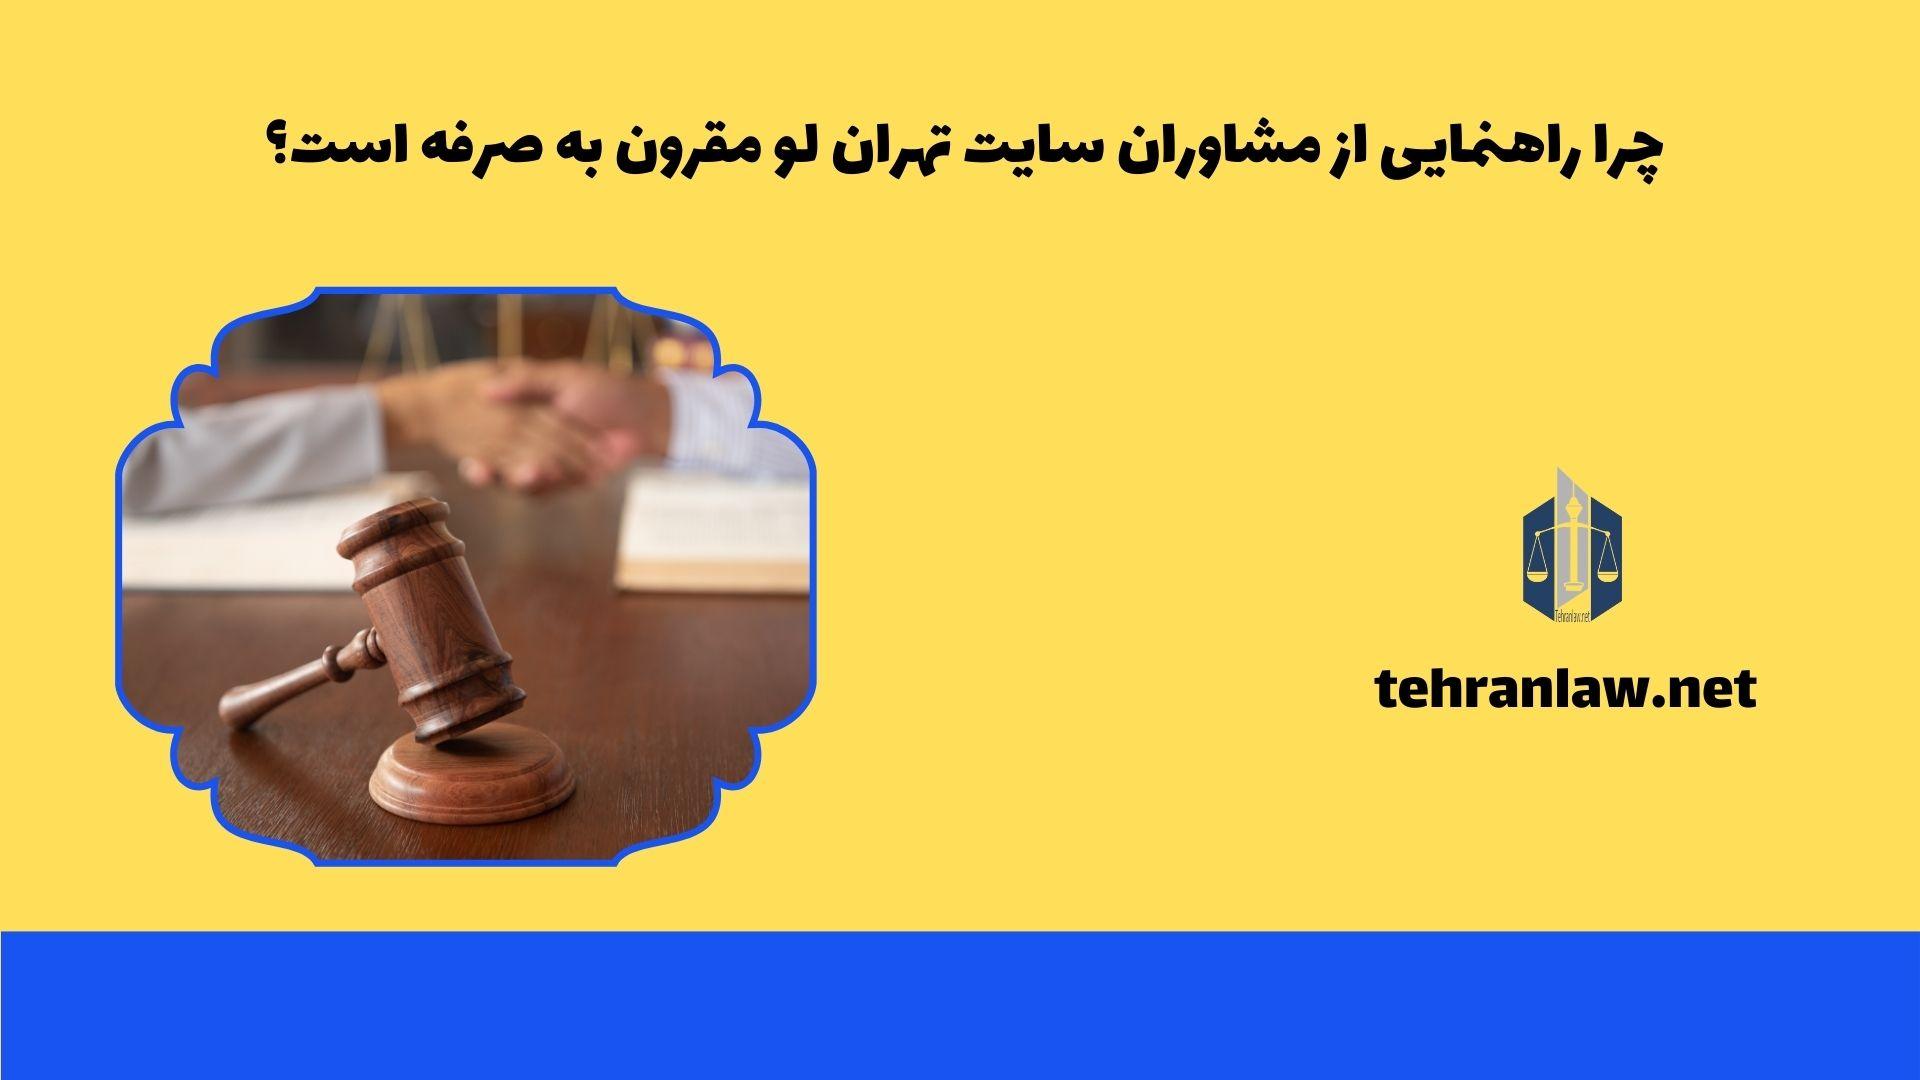 چرا راهنمایی از مشاوران سایت تهران لو مقرون به صرفه است؟